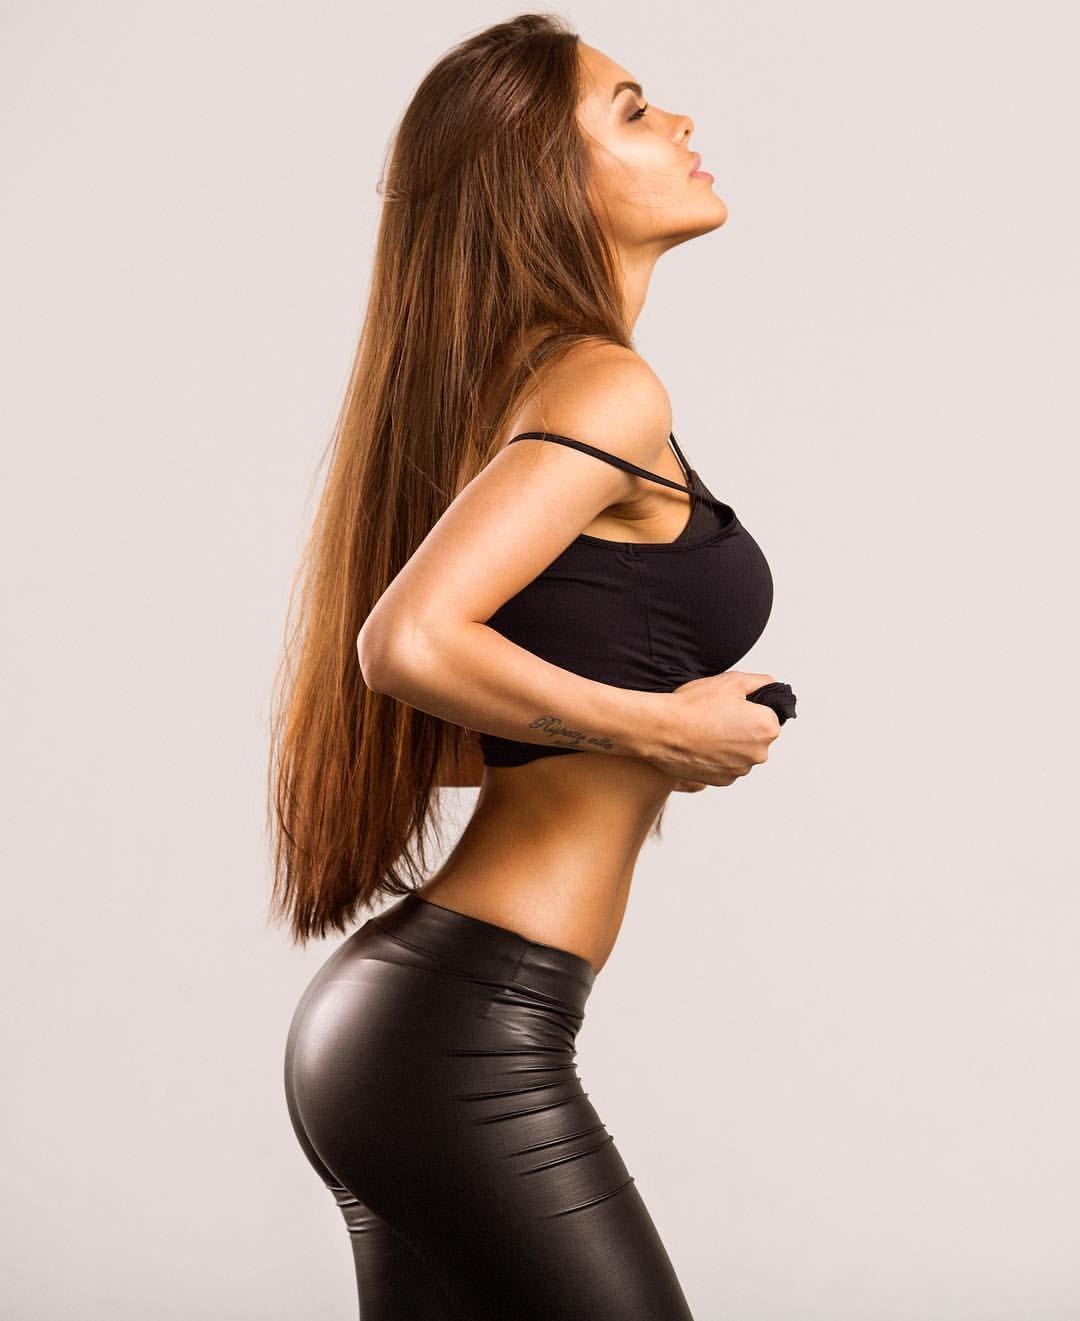 Viki Odintsova Nude Photos 4